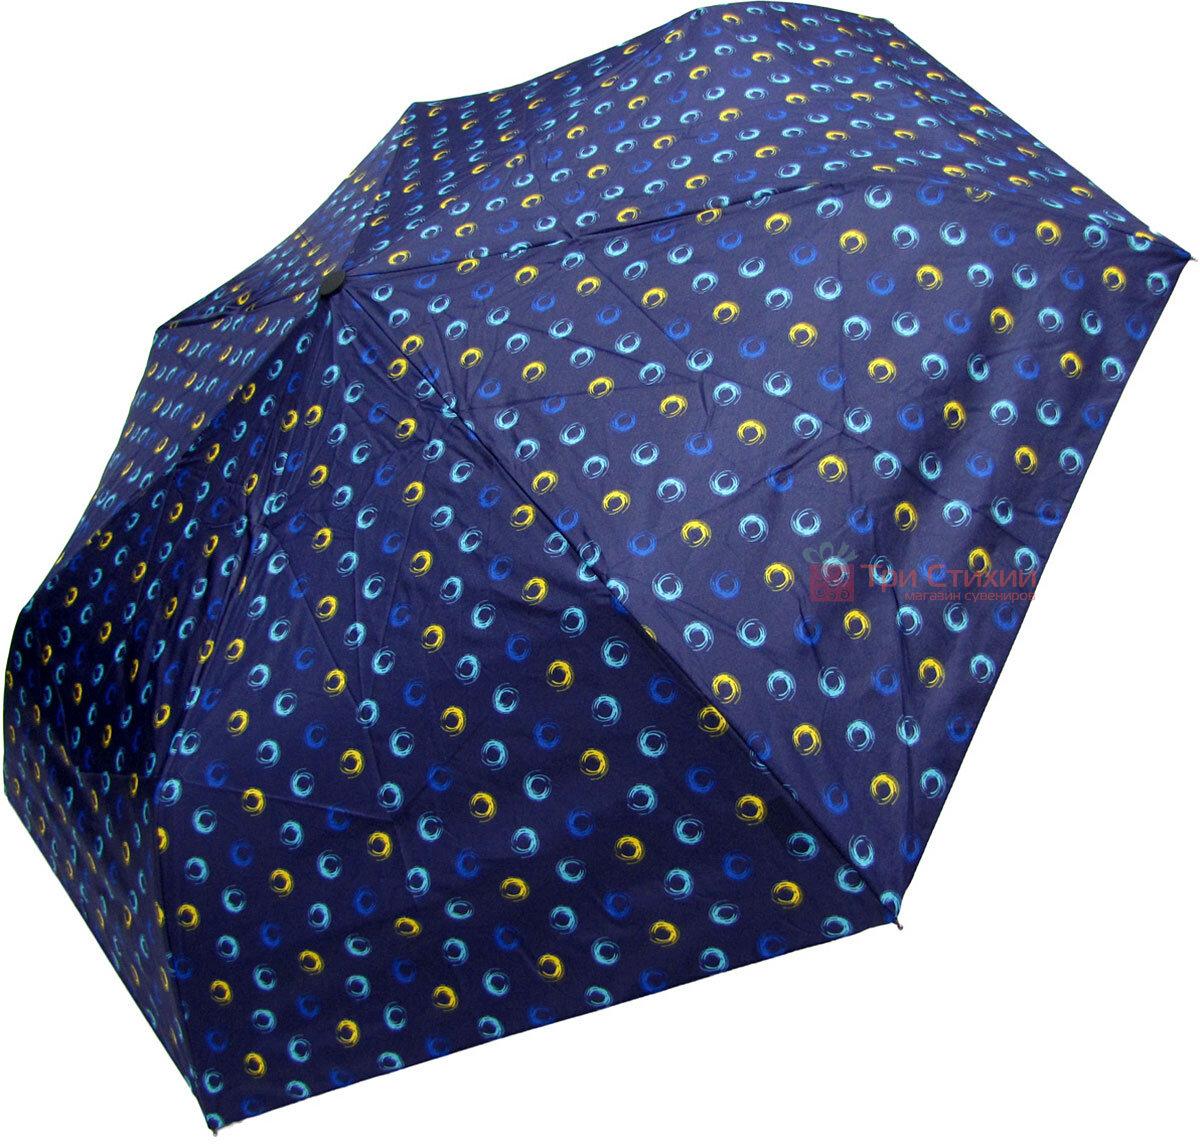 Зонт складной Derby 744165PHL-1 полный автомат Синий круги, Цвет: Синий, фото